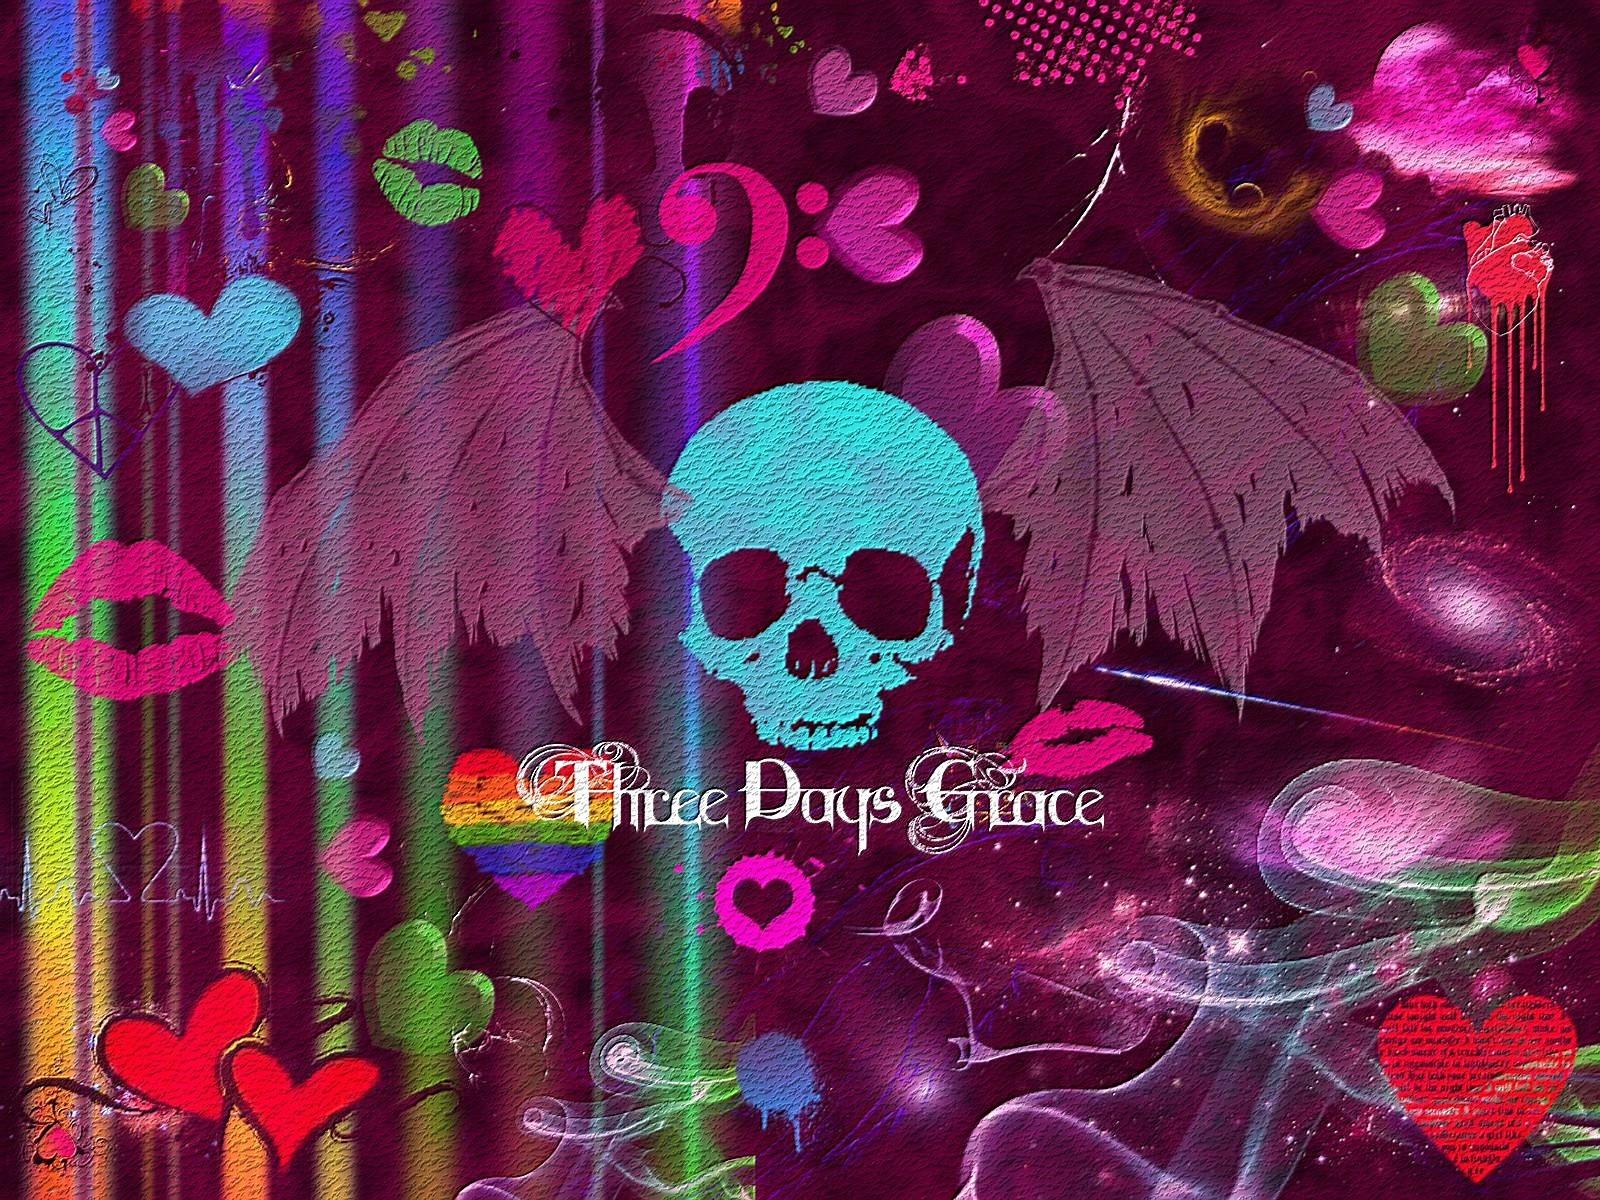 Three Days Grace   Three Days Grace Wallpaper 21765824 1600x1200